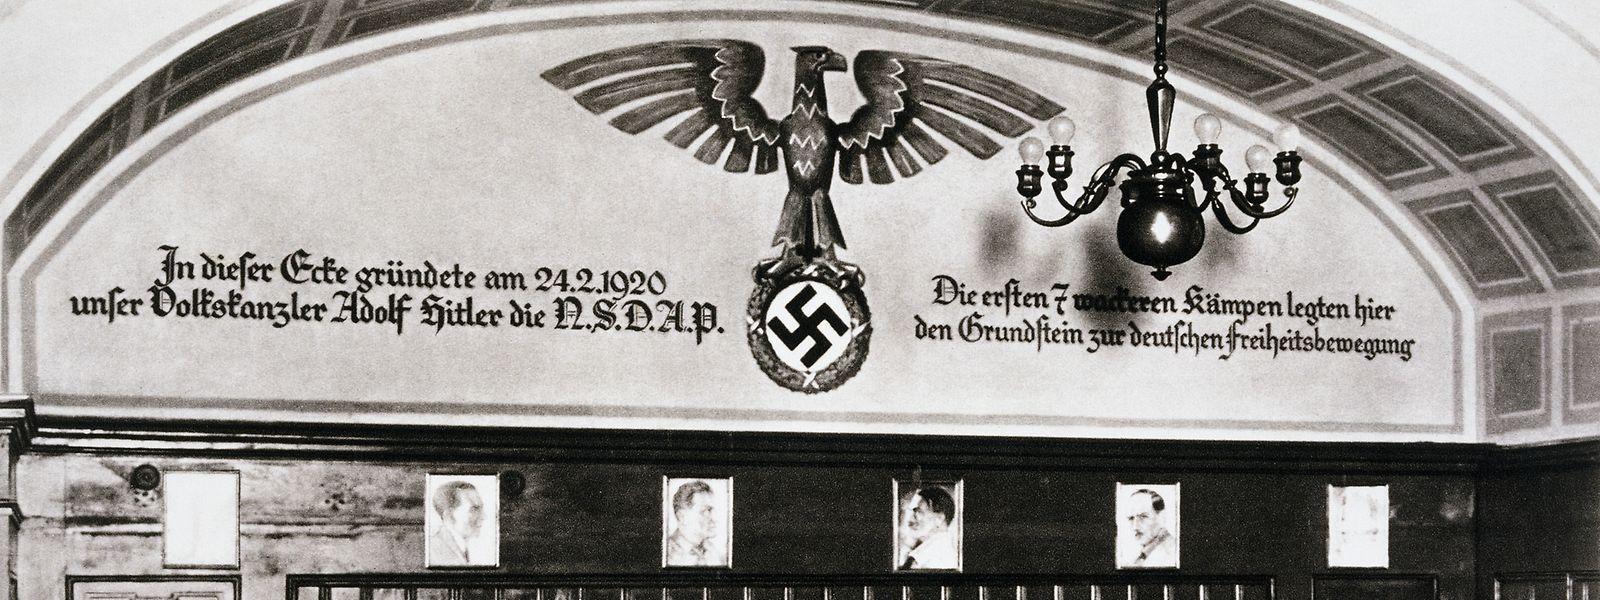 Im Münchner Hofbräuhaus wurde die NSDAP vor genau 100 Jahren am 24. Februar 1920 gegründet.